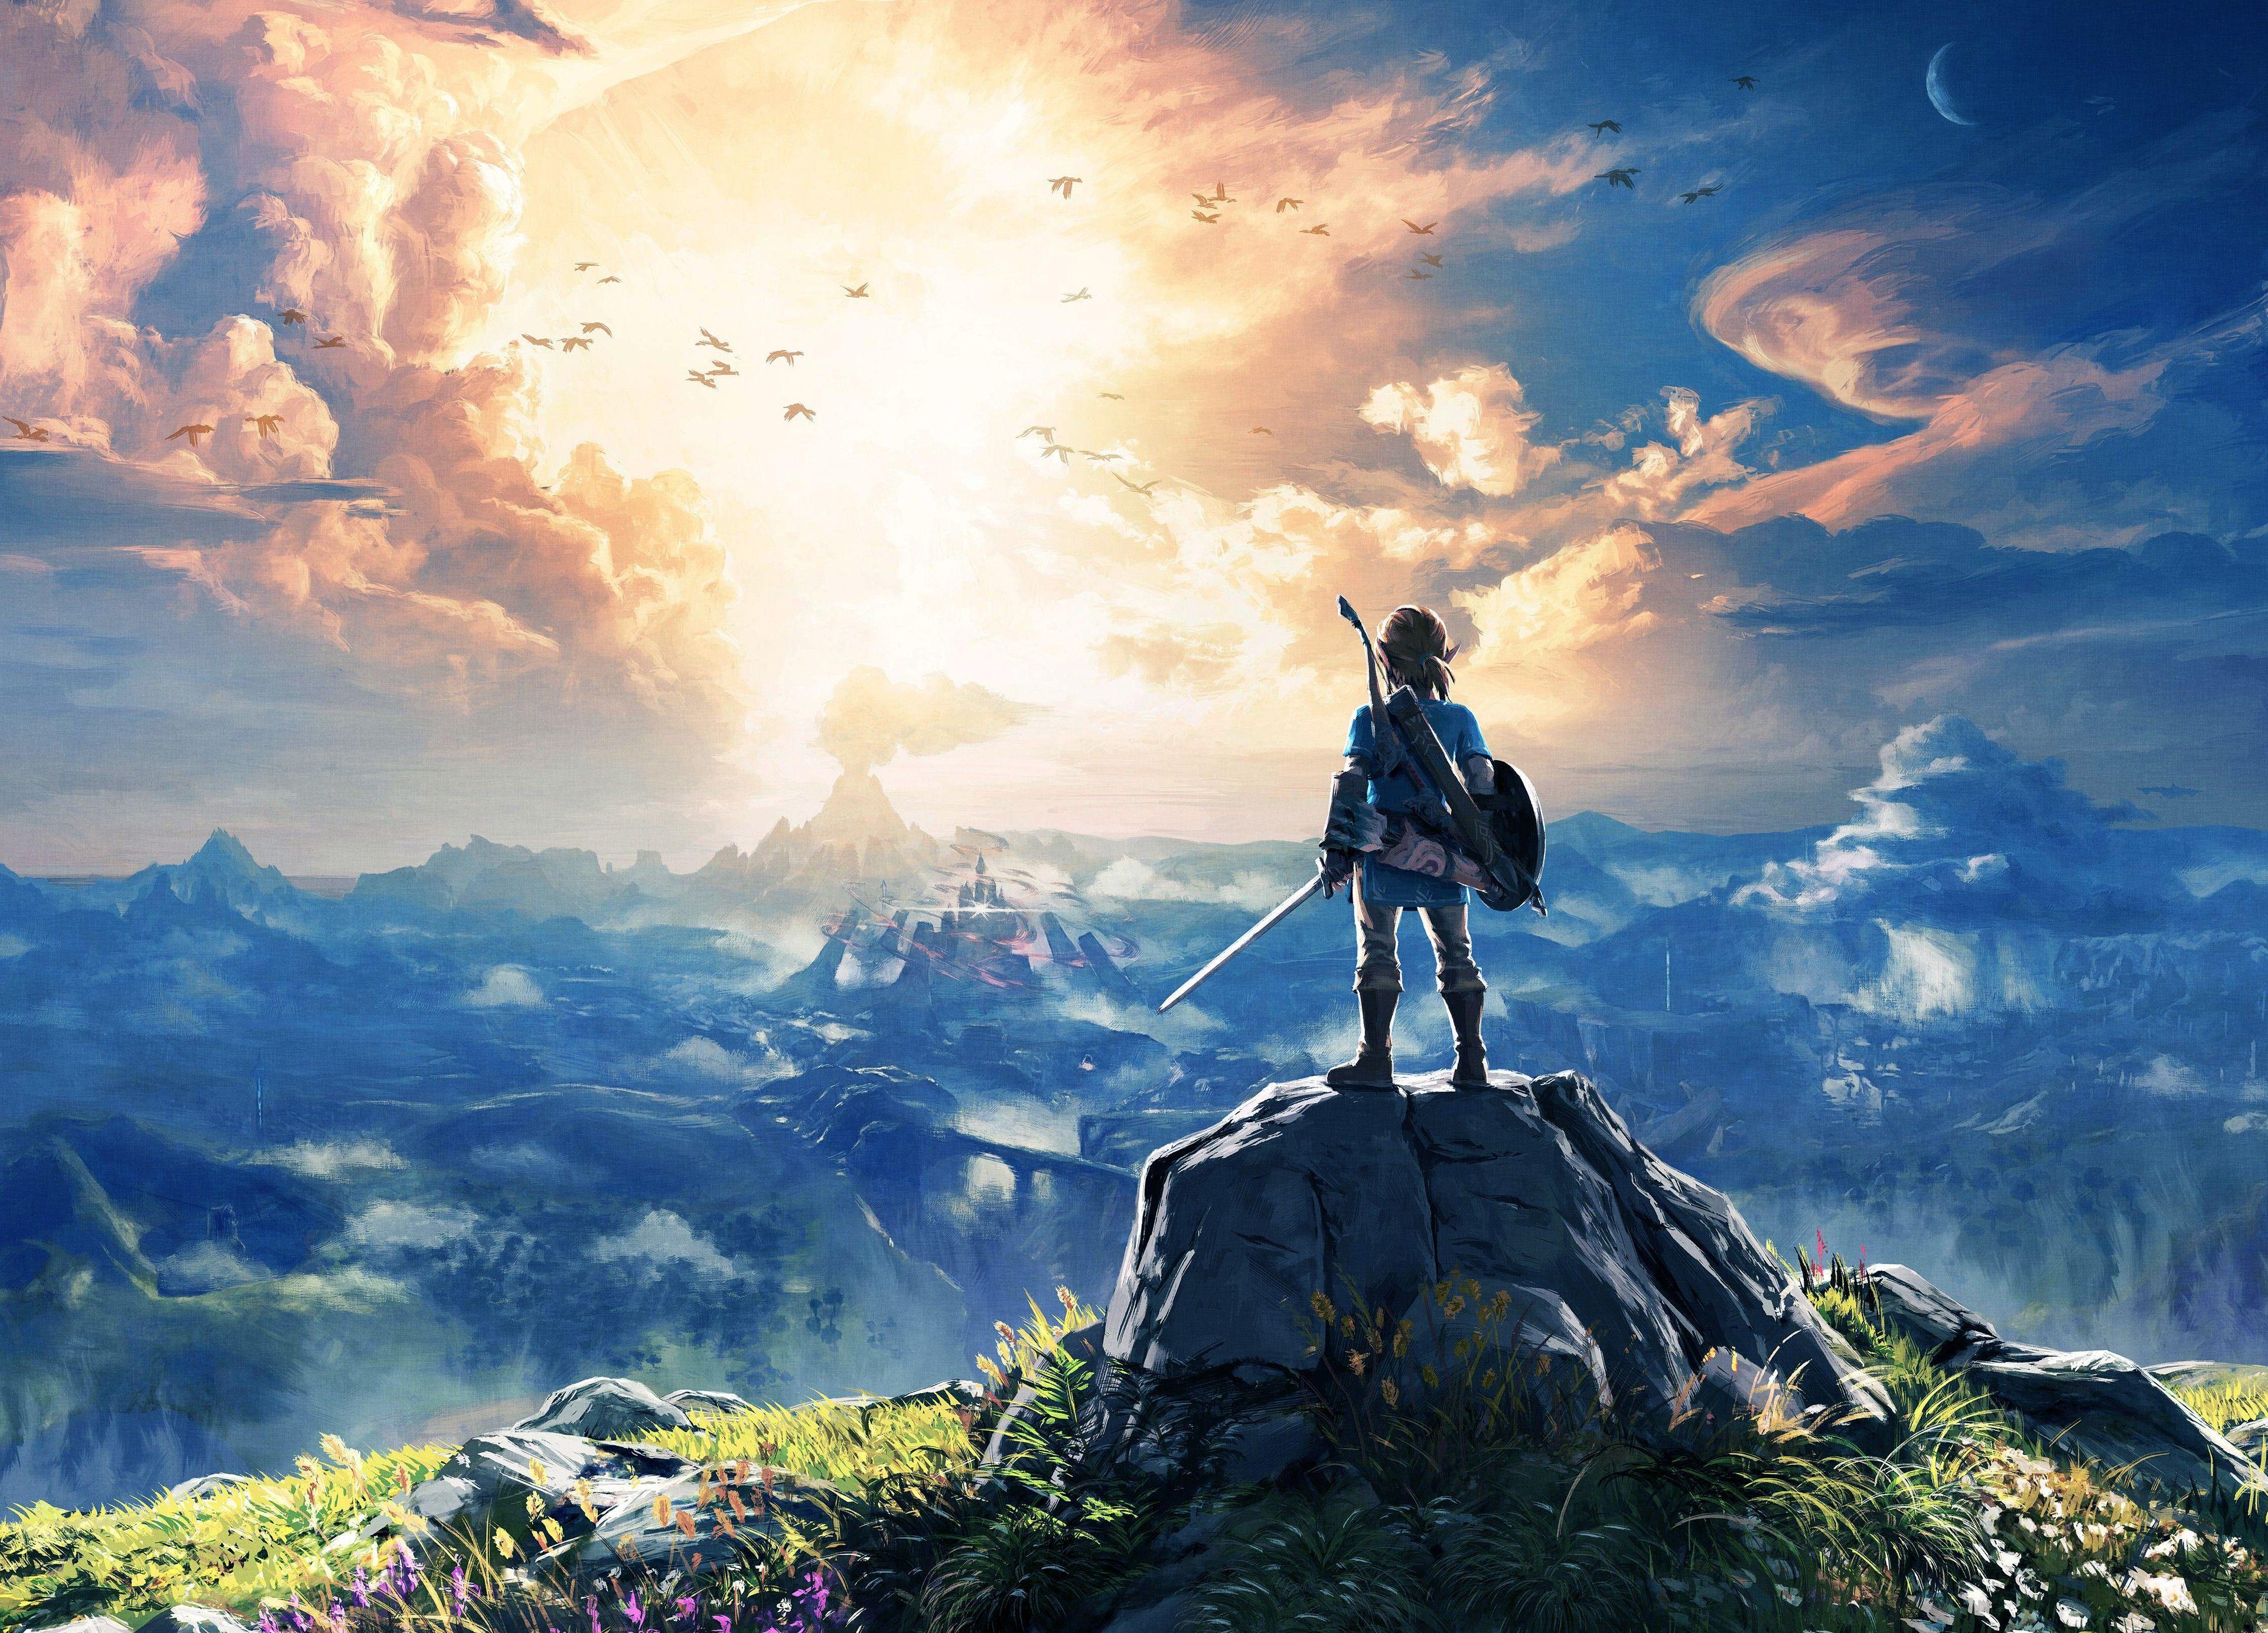 The Legend Of Zelda Breath Of The Wild Wallpapers Top